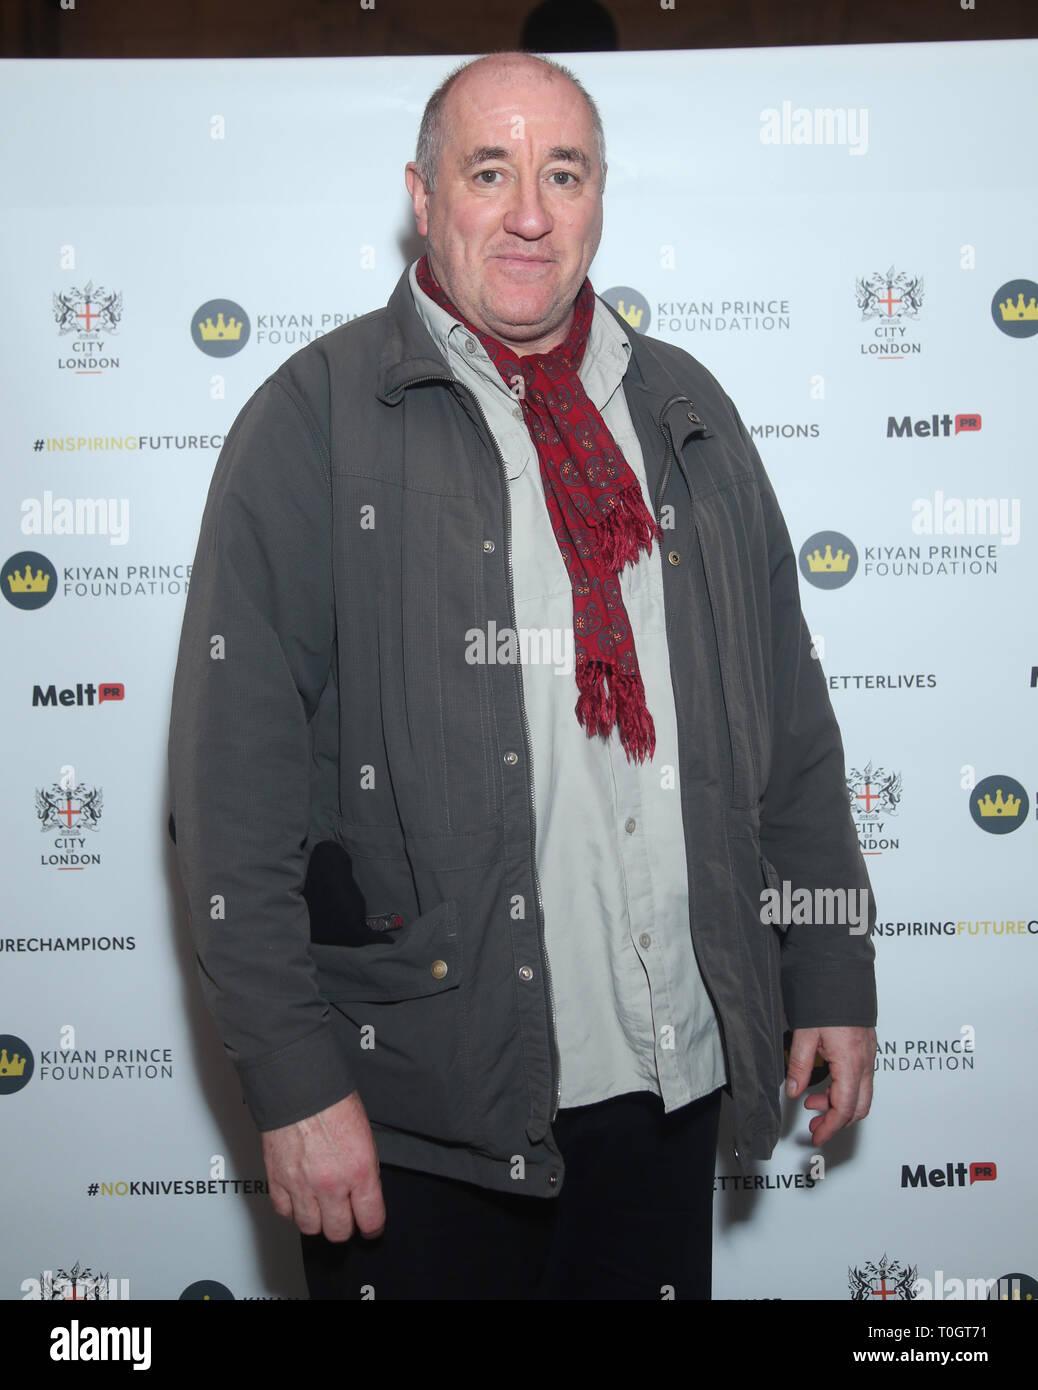 Periodista de boxeo Steve Bunce asistir a una celebración en honor a Dr. Mark Prince OBE, auspiciada por la City of London Corporation, en el Old Bailey, en Londres. Mark de 15 años de edad, hijo, PRÍNCIPE Kiyan, fue brutalmente apuñalado y asesinado por pacíficamente intentando romper una pelea en el exterior de su escuela el 18 de mayo de 2006. Imagen De Stock